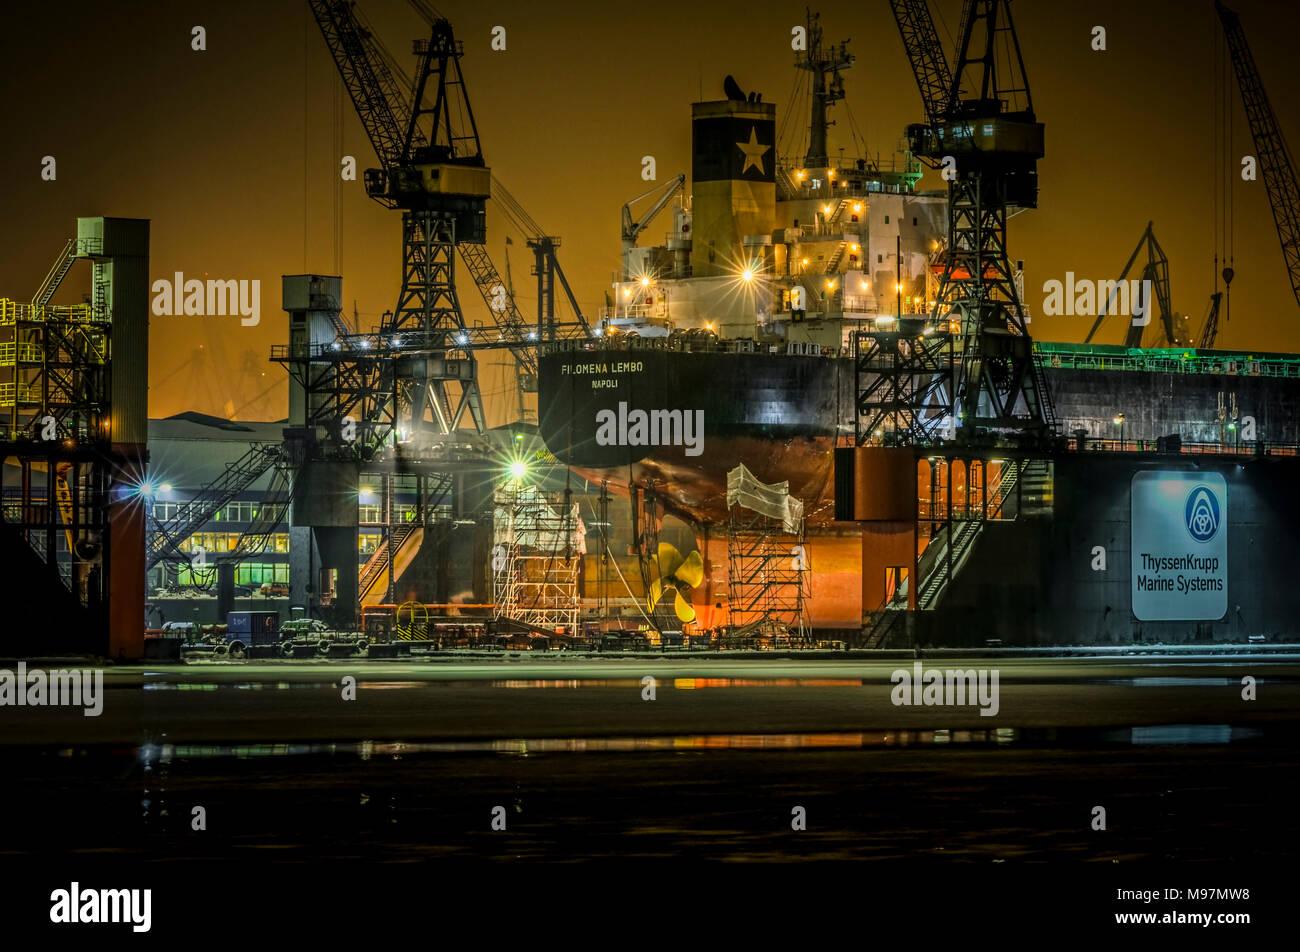 Deutschland, Hamburg, Altona, Elbe, Hafen,  Fischmarkt, Blohm und Voss, Trockendock, Dock 11, Eisgang, Tanker - Stock Image